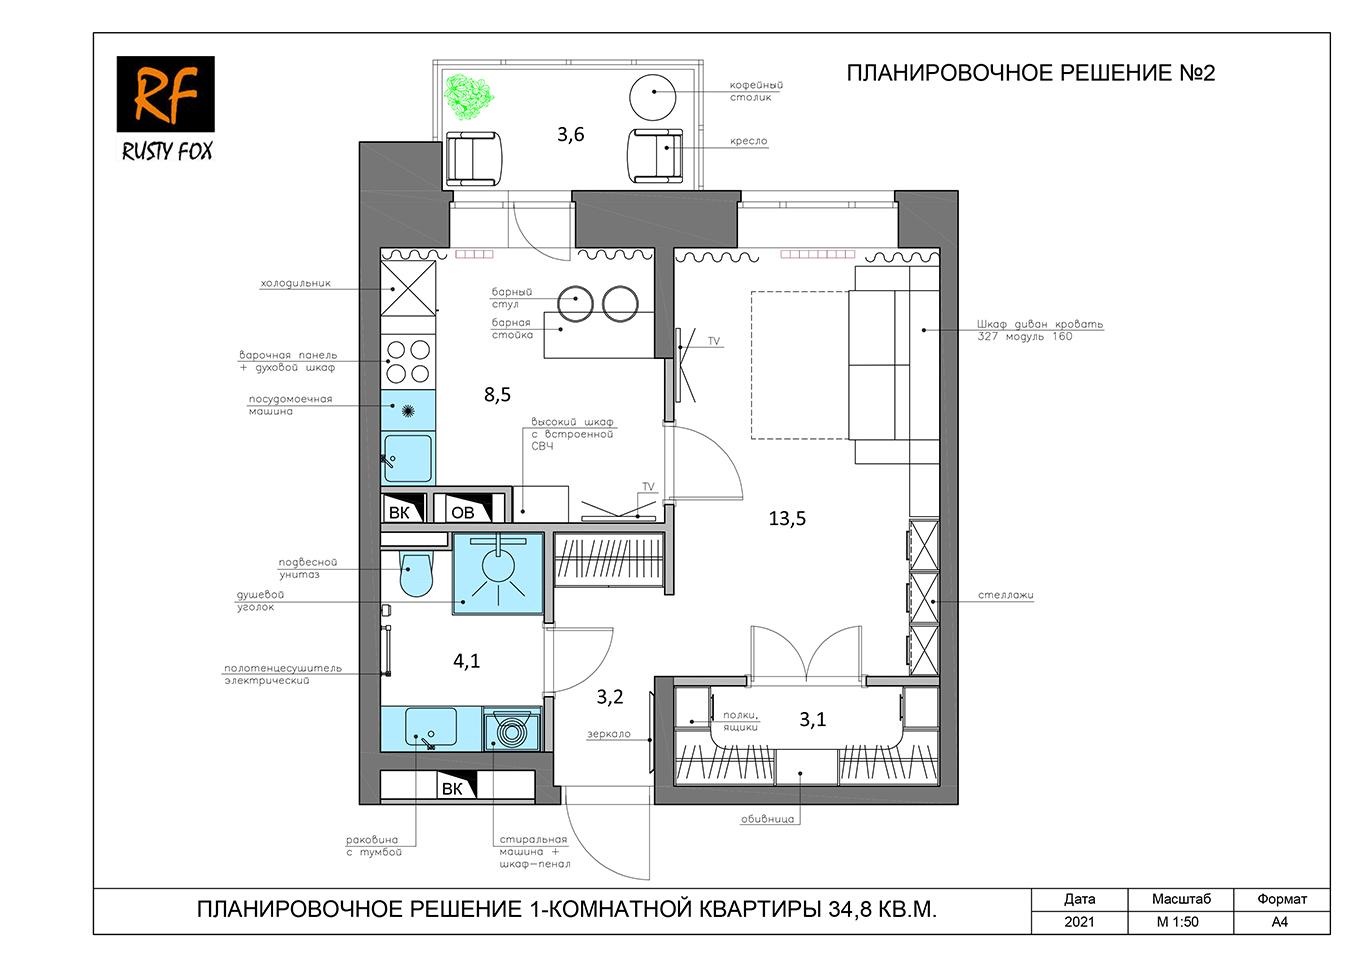 ЖК Люберцы корпус 52, секция 1. Планировочное решение №2 1-комнотной квартира 34,8 кв.м.